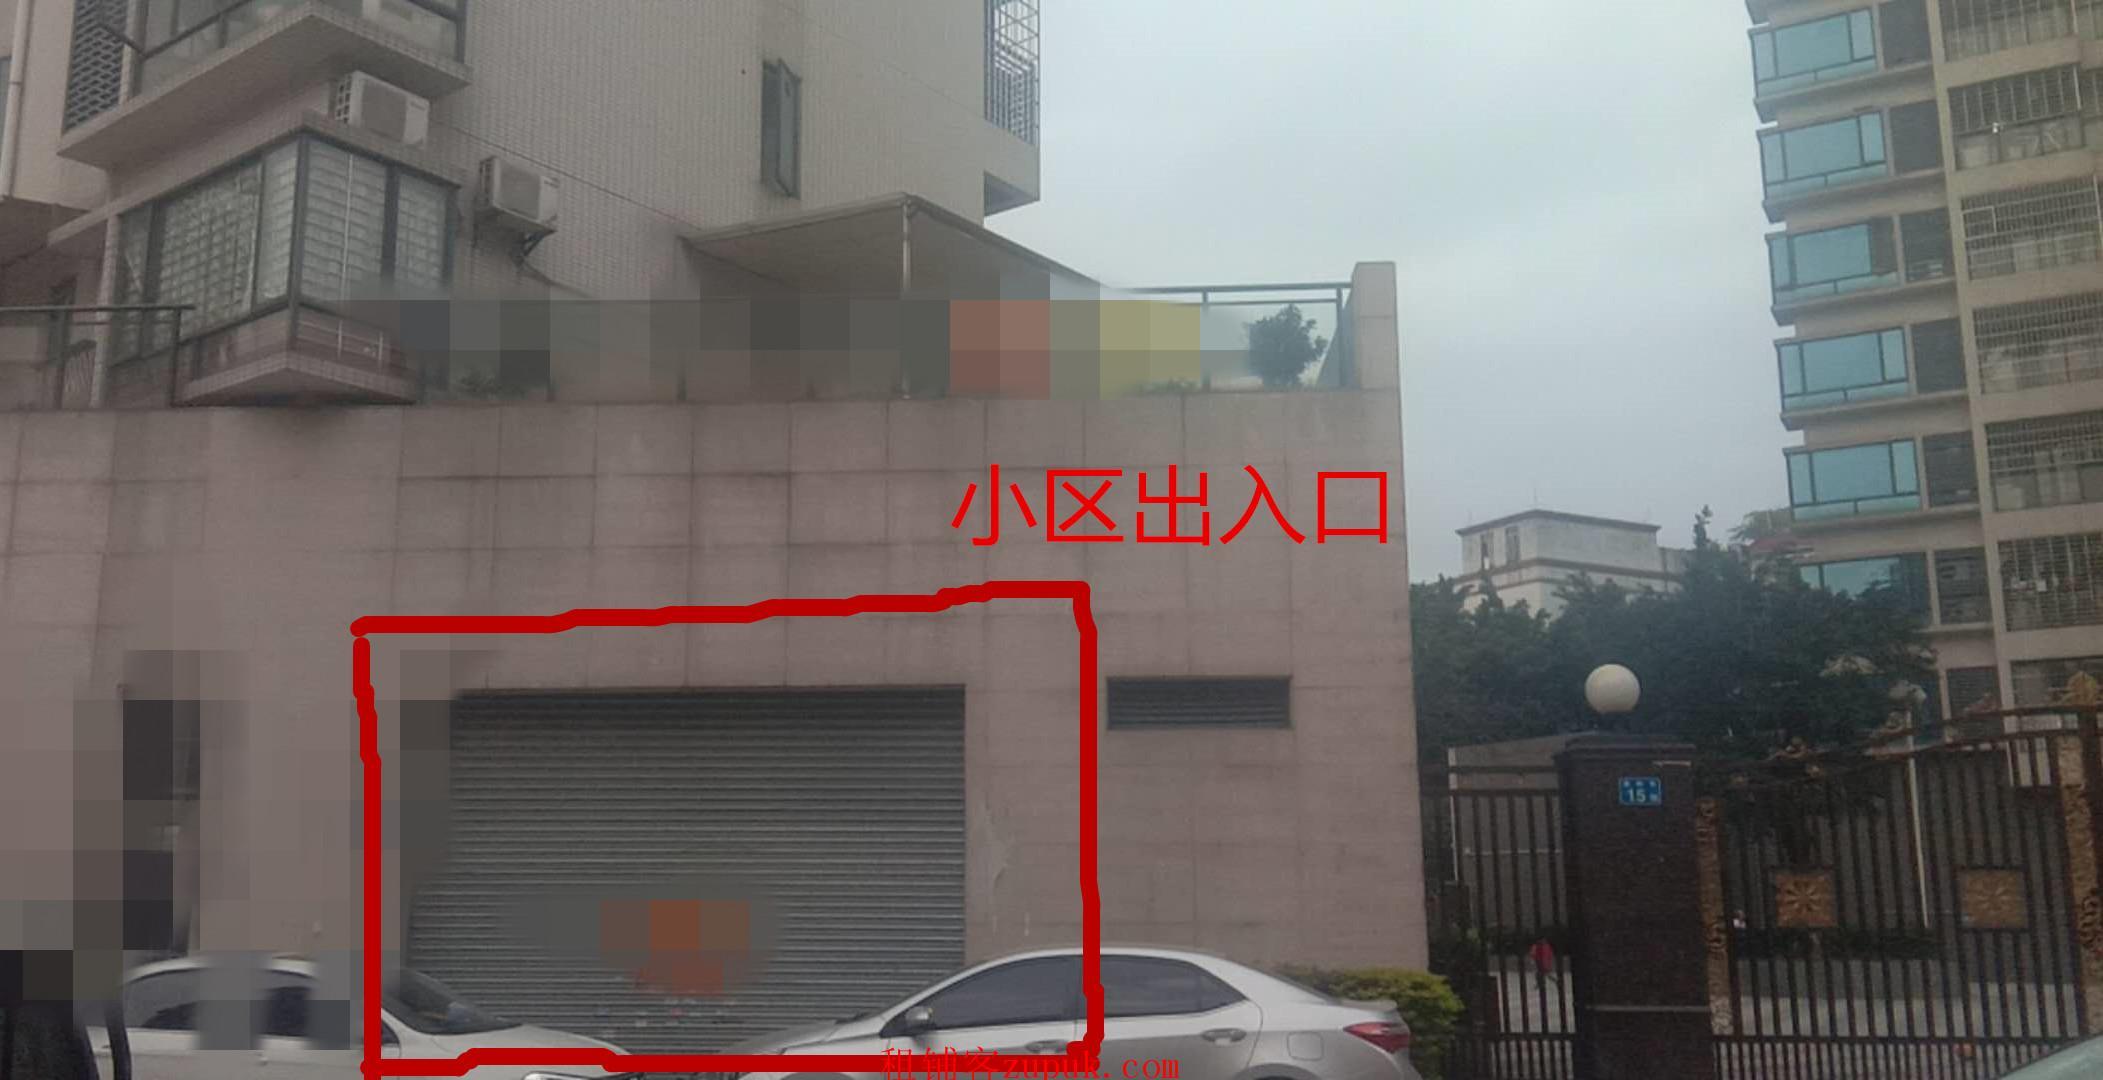 狮岭镇小区出入口,招租1950,8成入住率